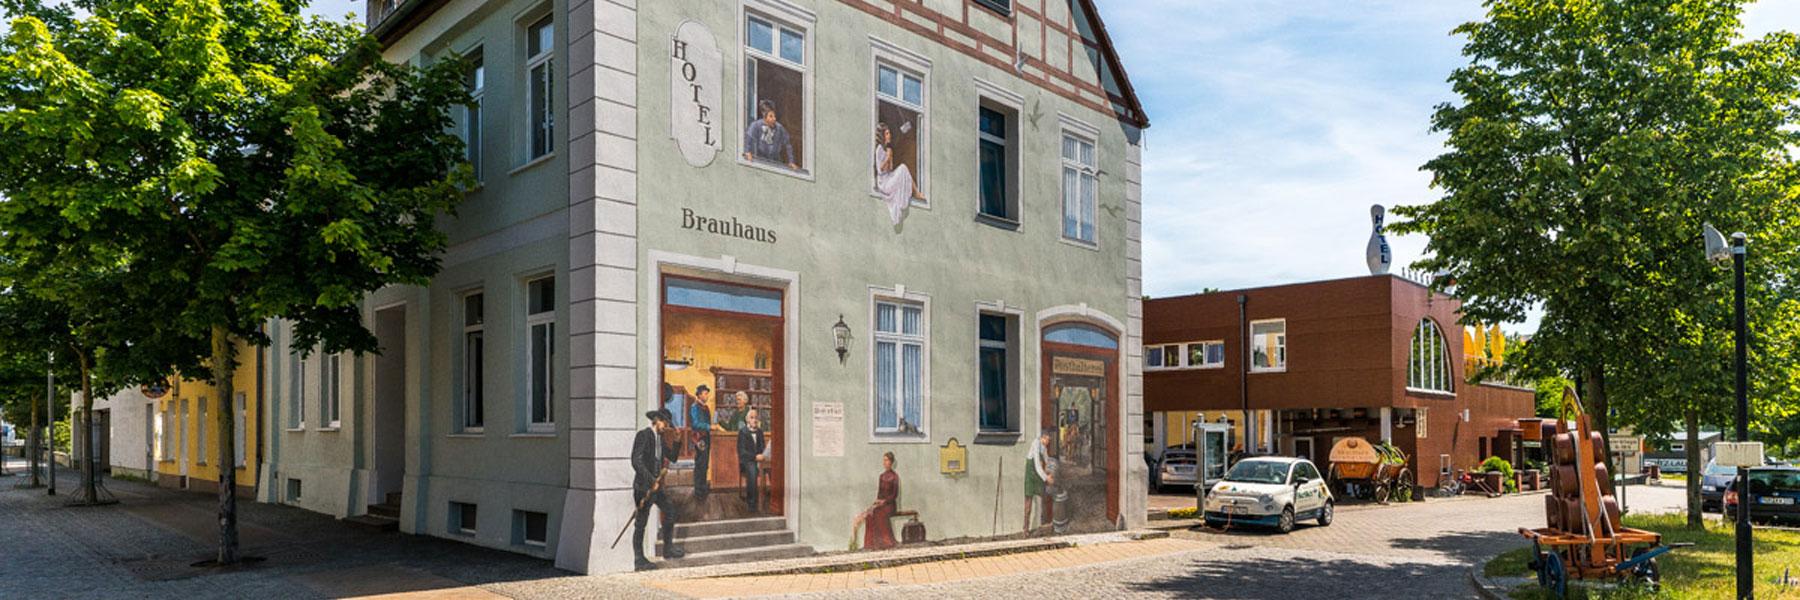 Hotelansicht - Hotel am Brauhaus